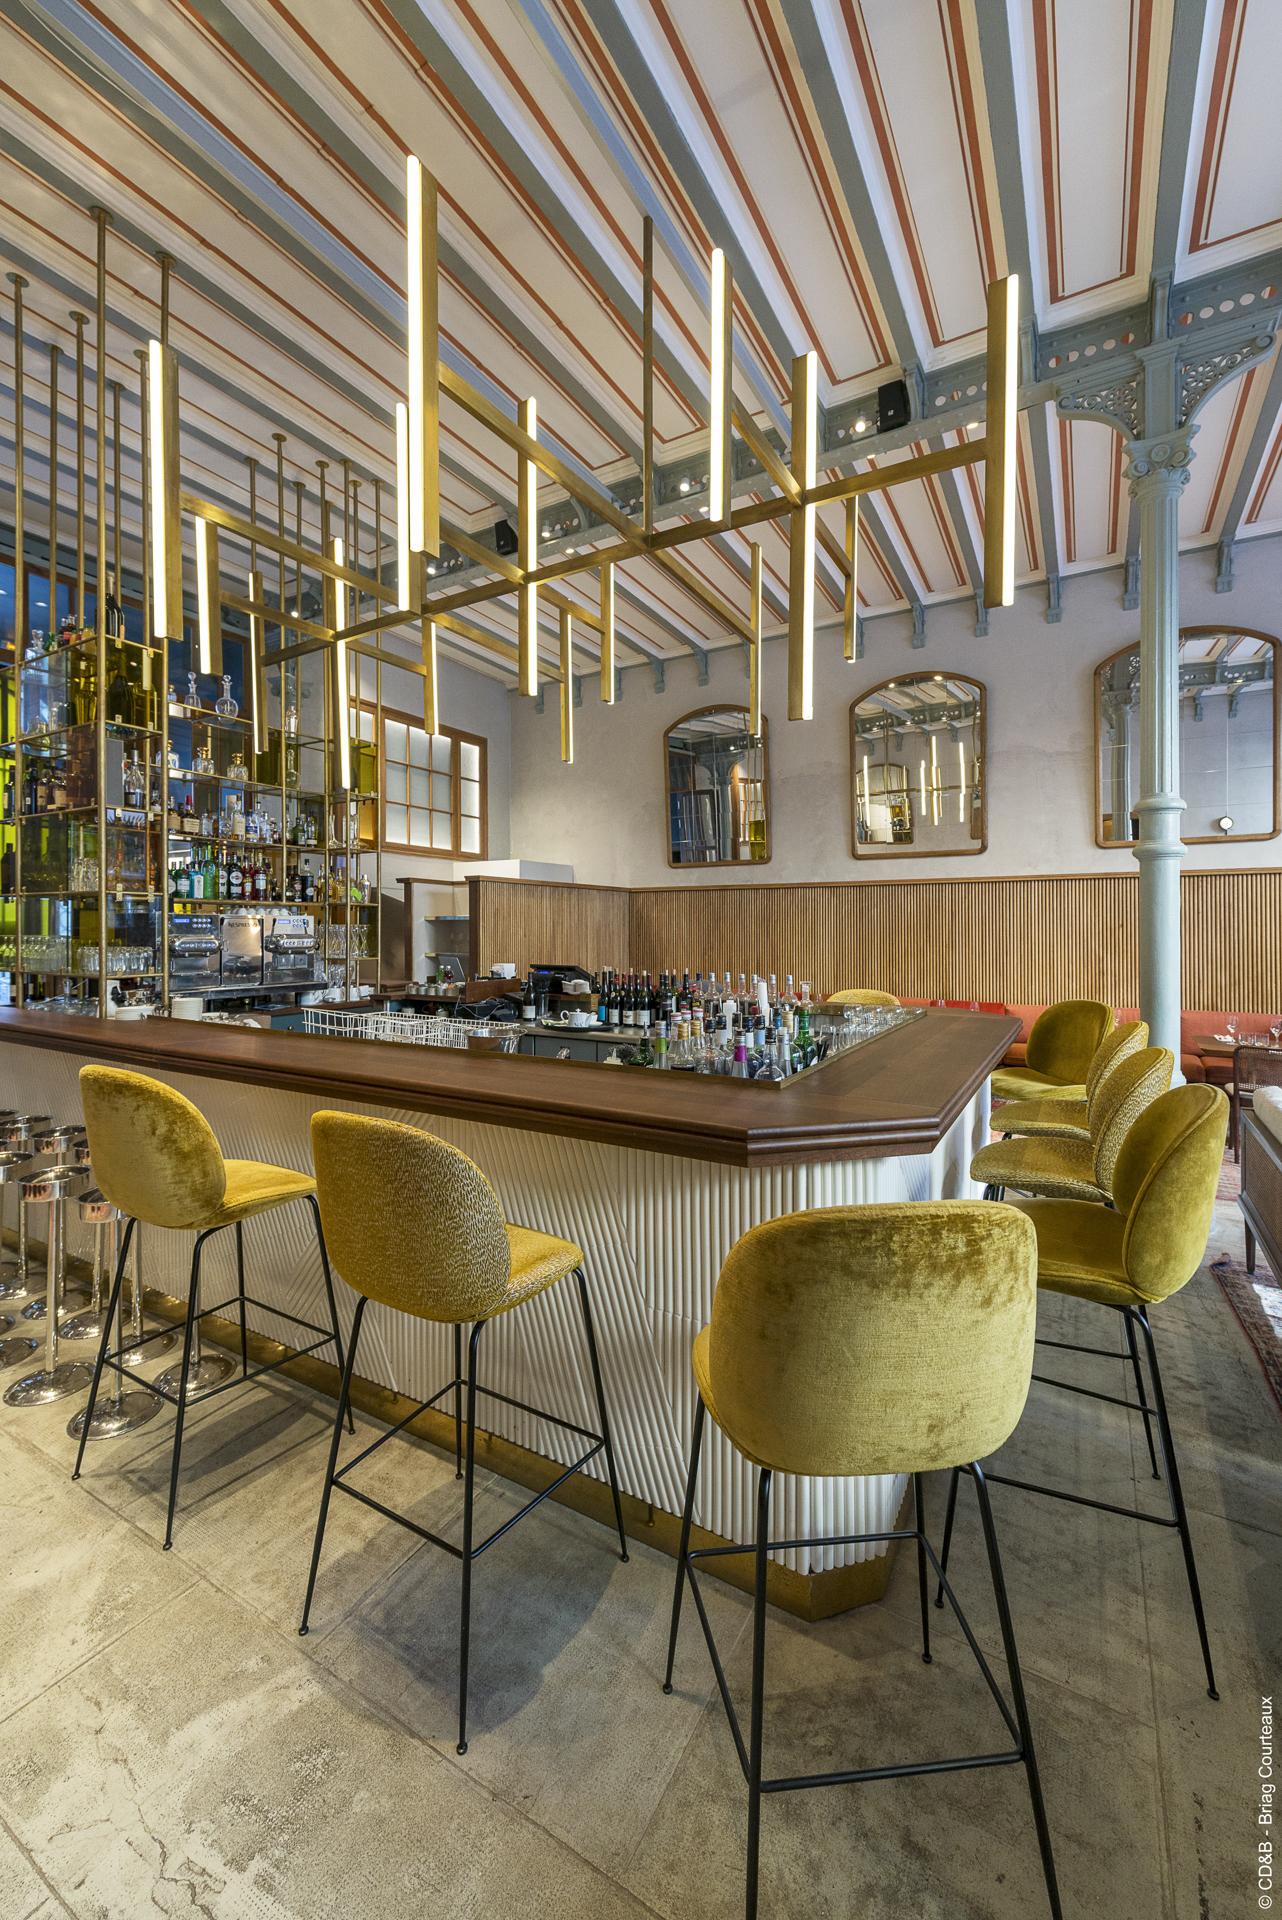 Conseil, aménagement, conception et réalisation des espaces du restaurant Le Camondo par CDB, Meet you there.